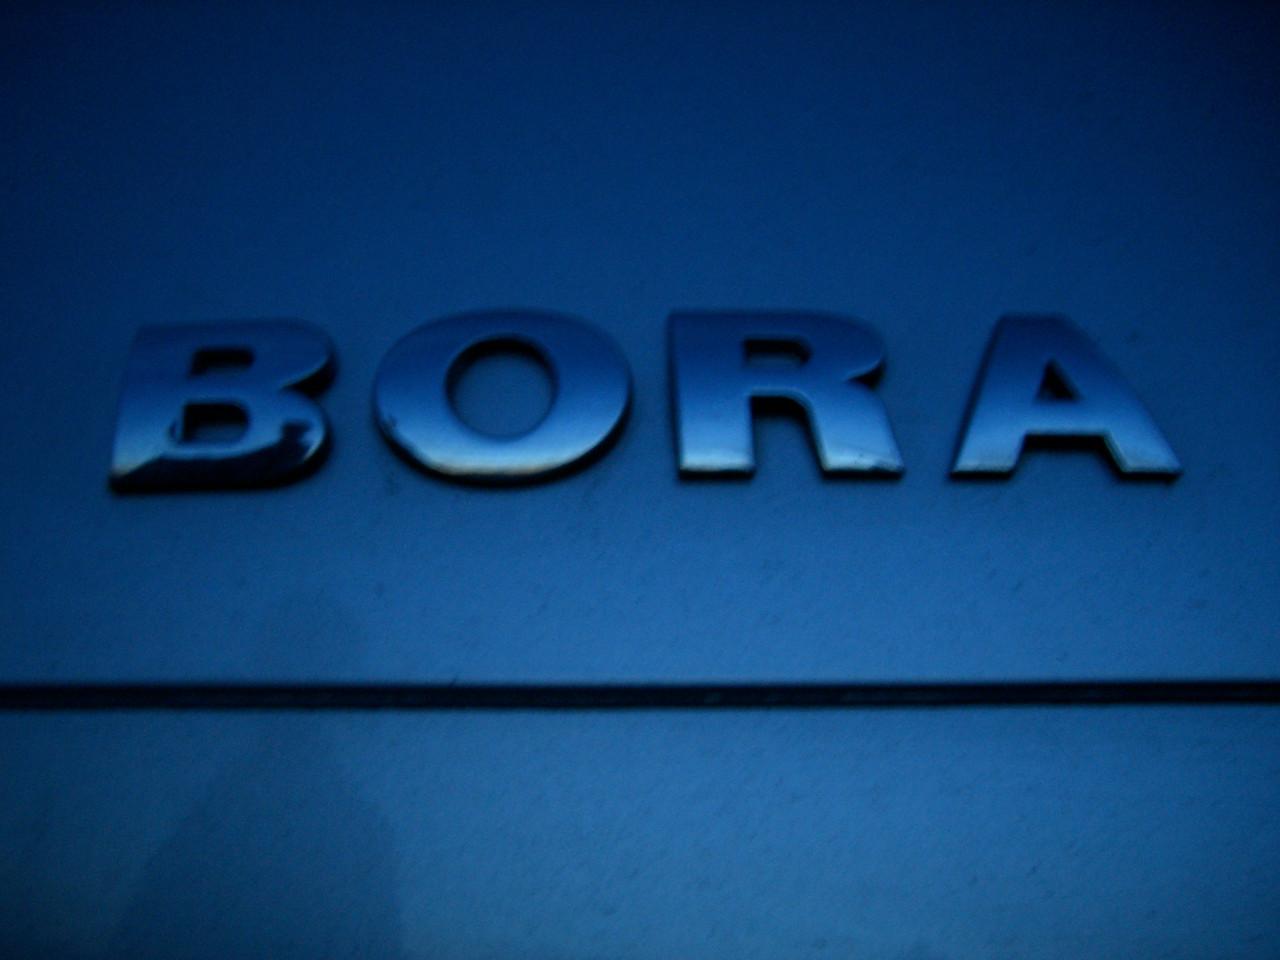 2006 05 30 Tue - Bora badge